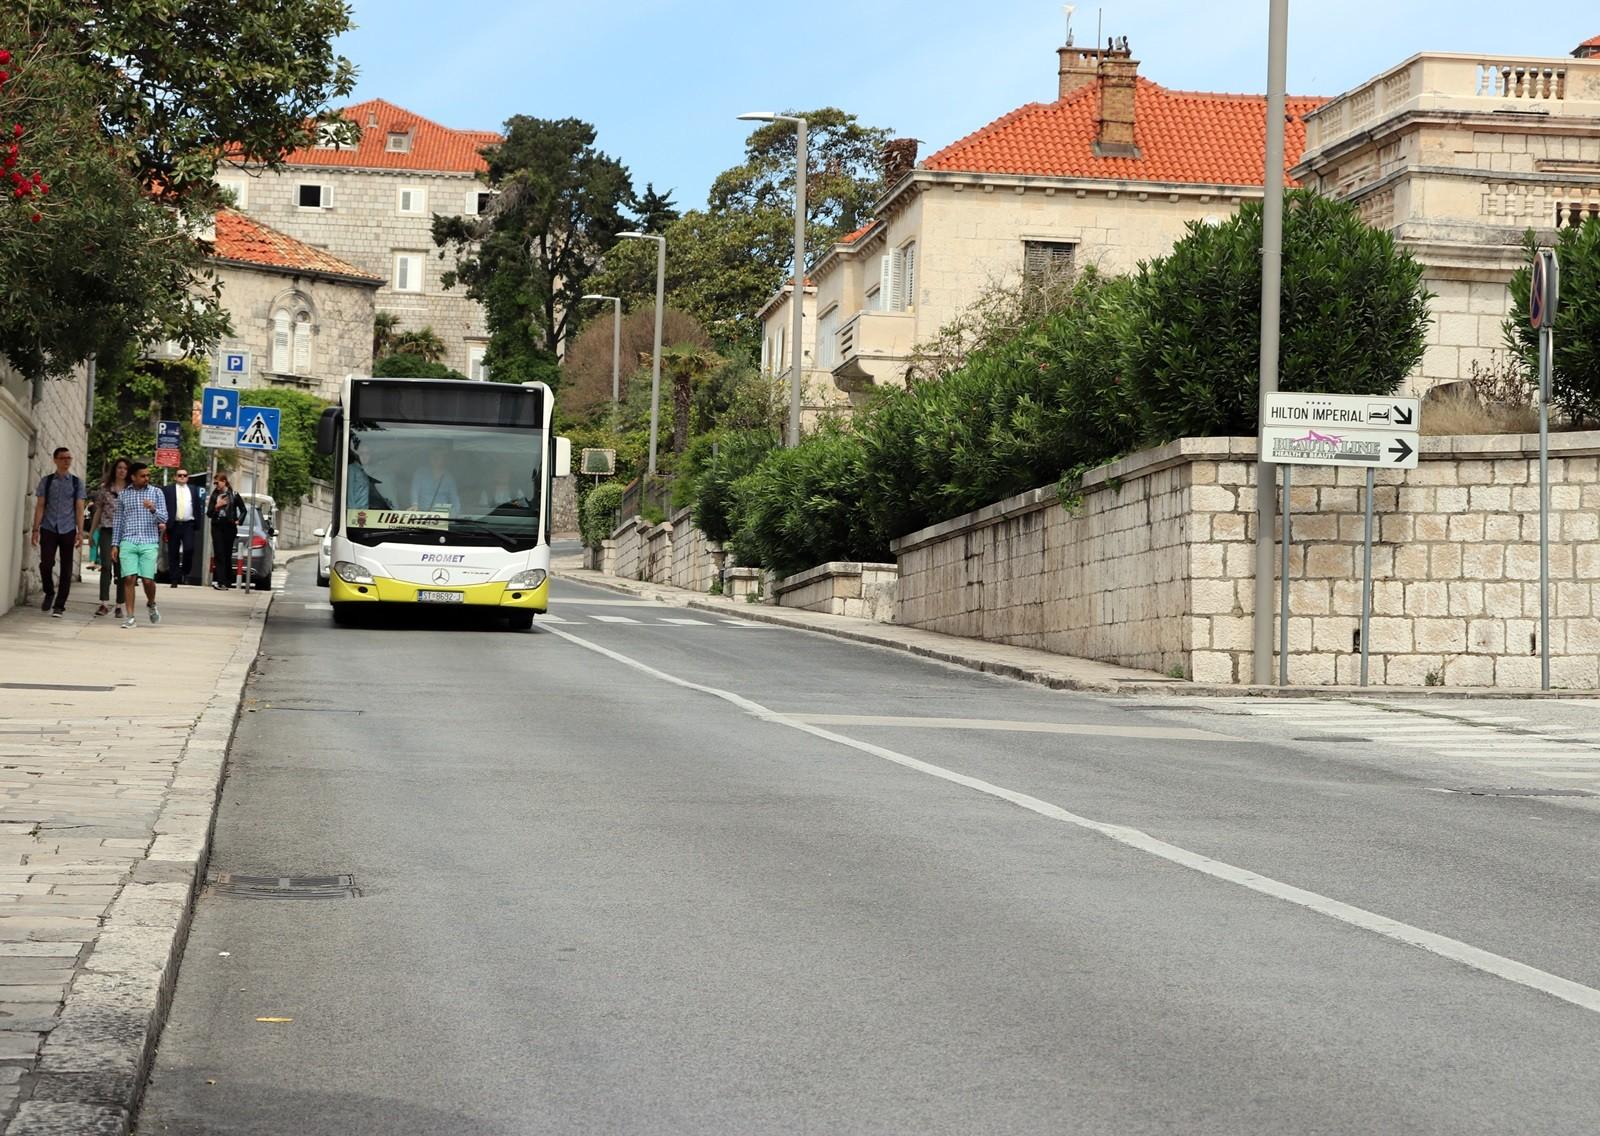 Smjerom Dom zdravlja - Pile samo vozila javnog prijevoza